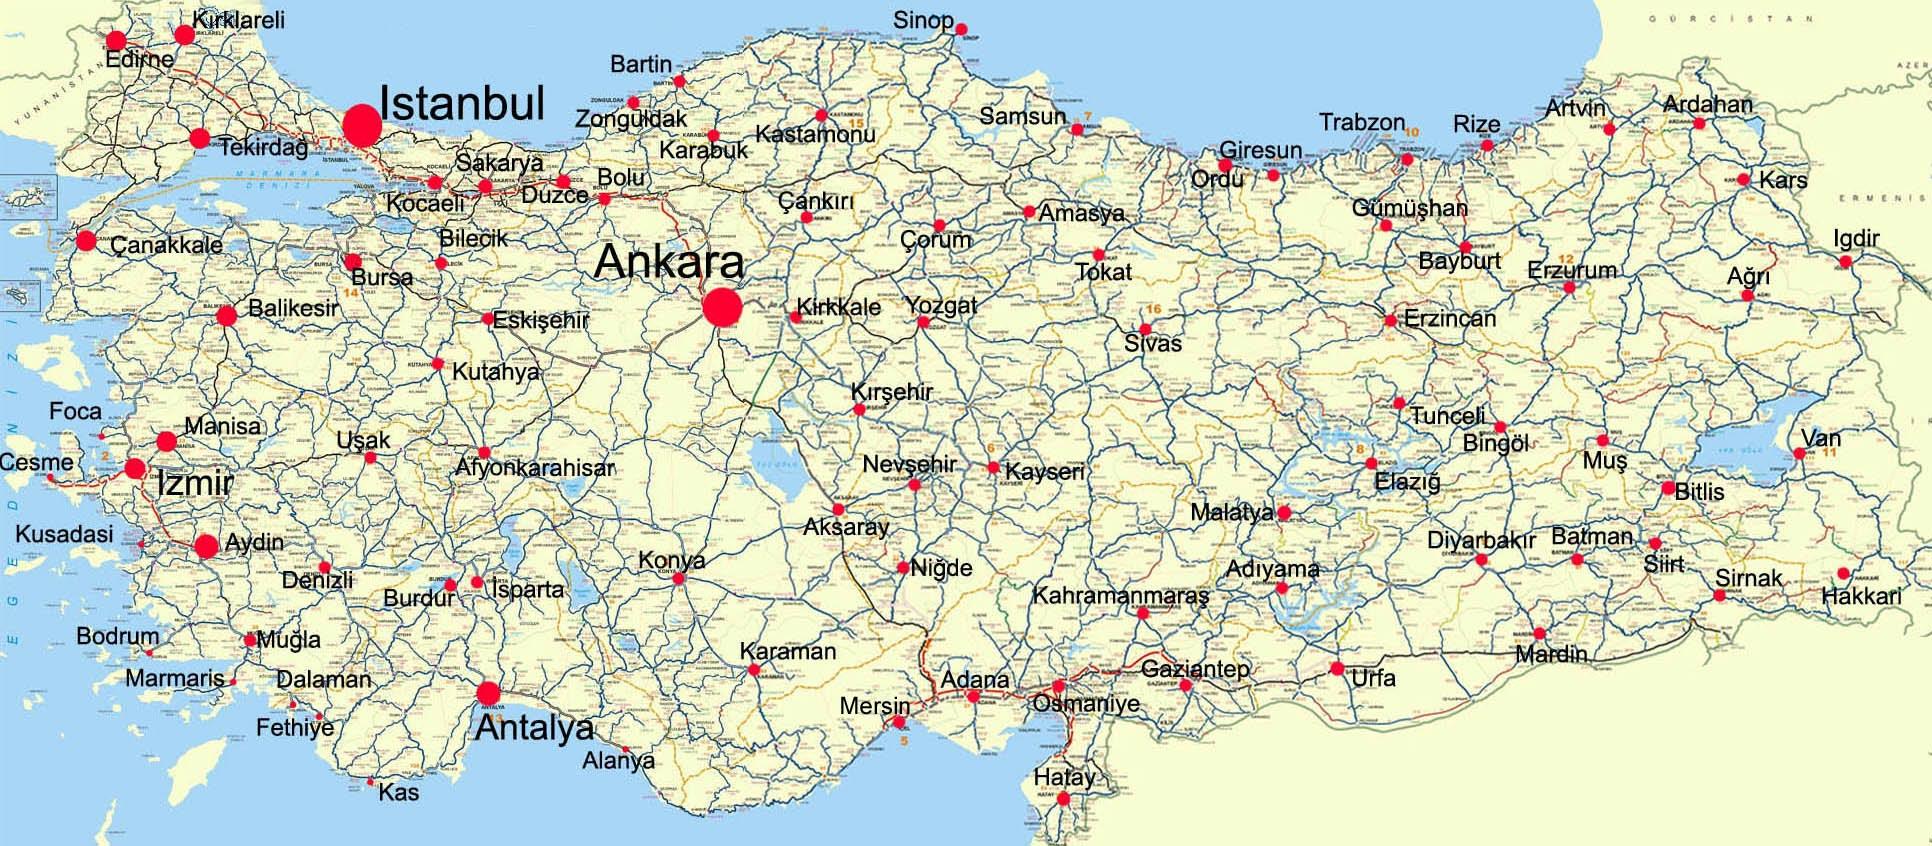 türkei landkarte mit städten Karten von Turkei | Karten von Turkei zum Herunterladen und Drucken türkei landkarte mit städten